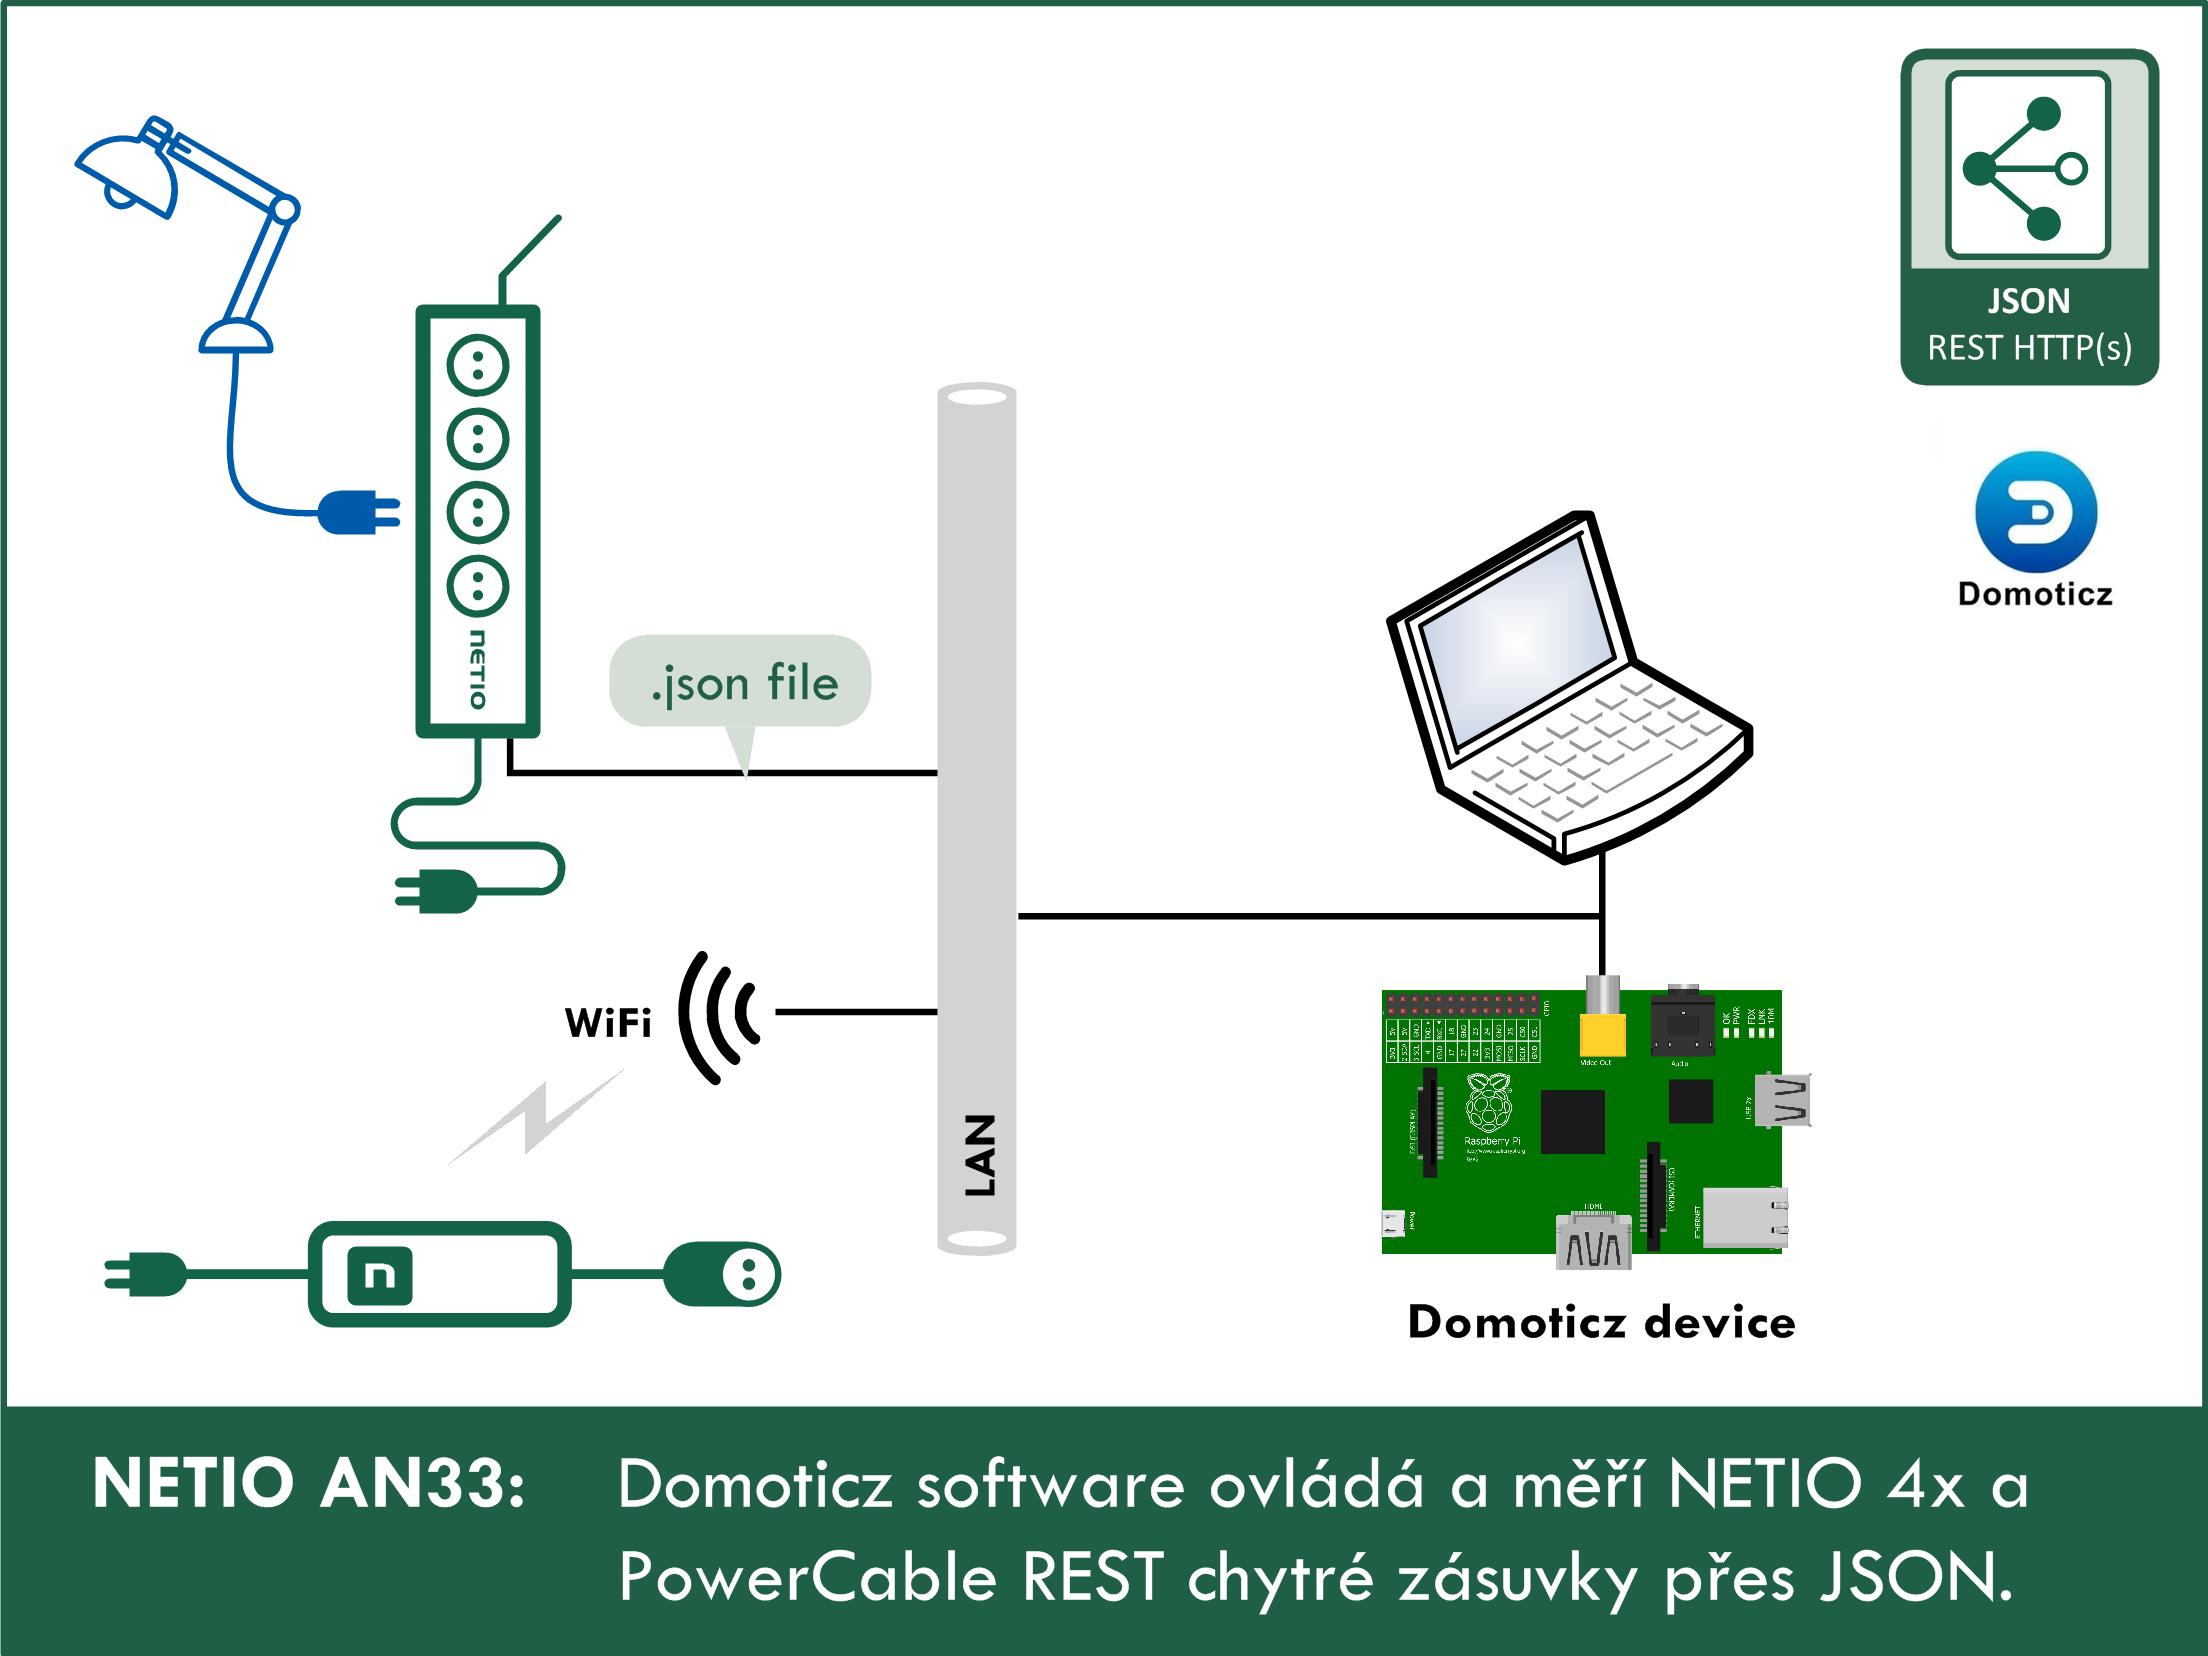 AN33 Domoticz ovlada NETIO zasuvky (HTTP JSON)